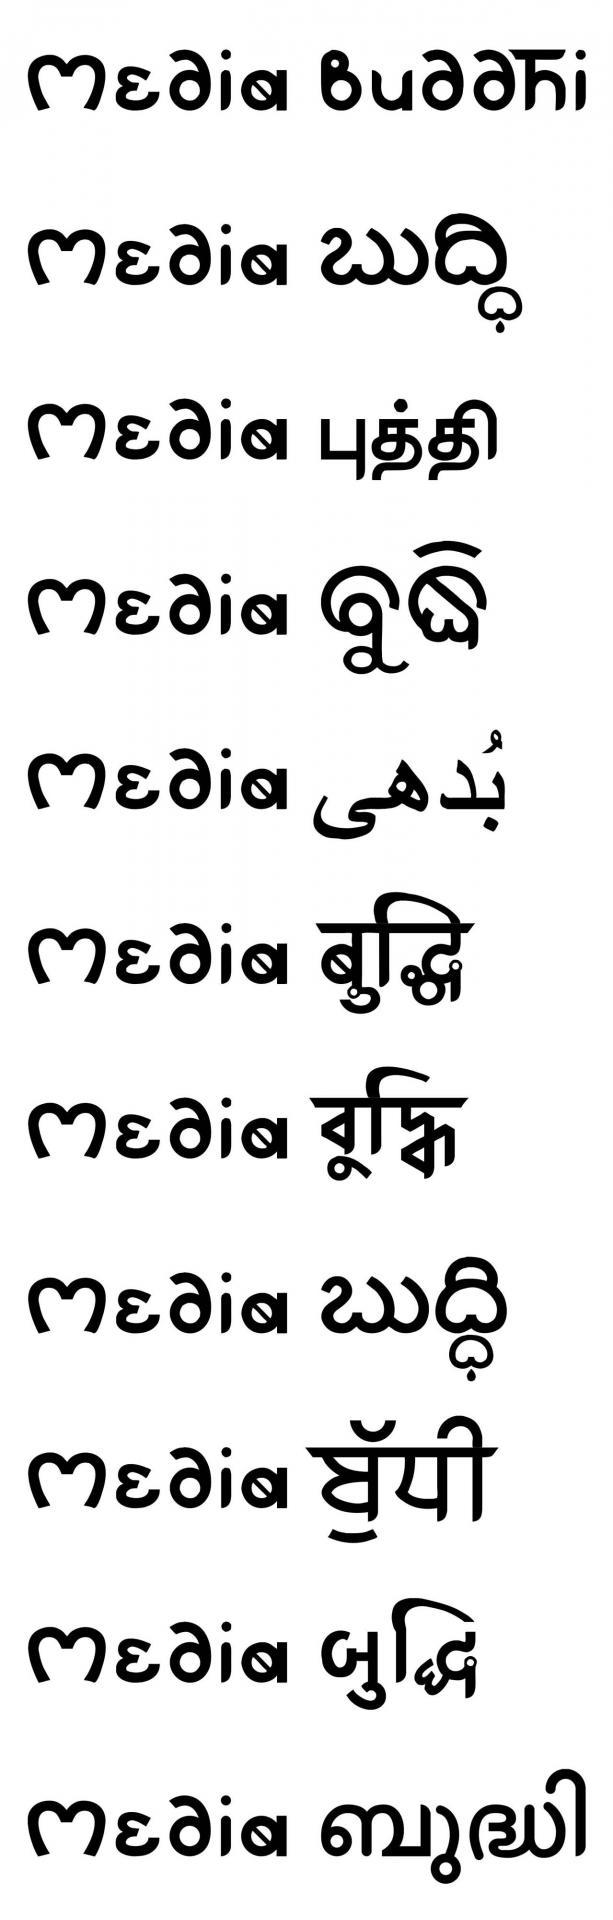 Sml mediabuddhi06